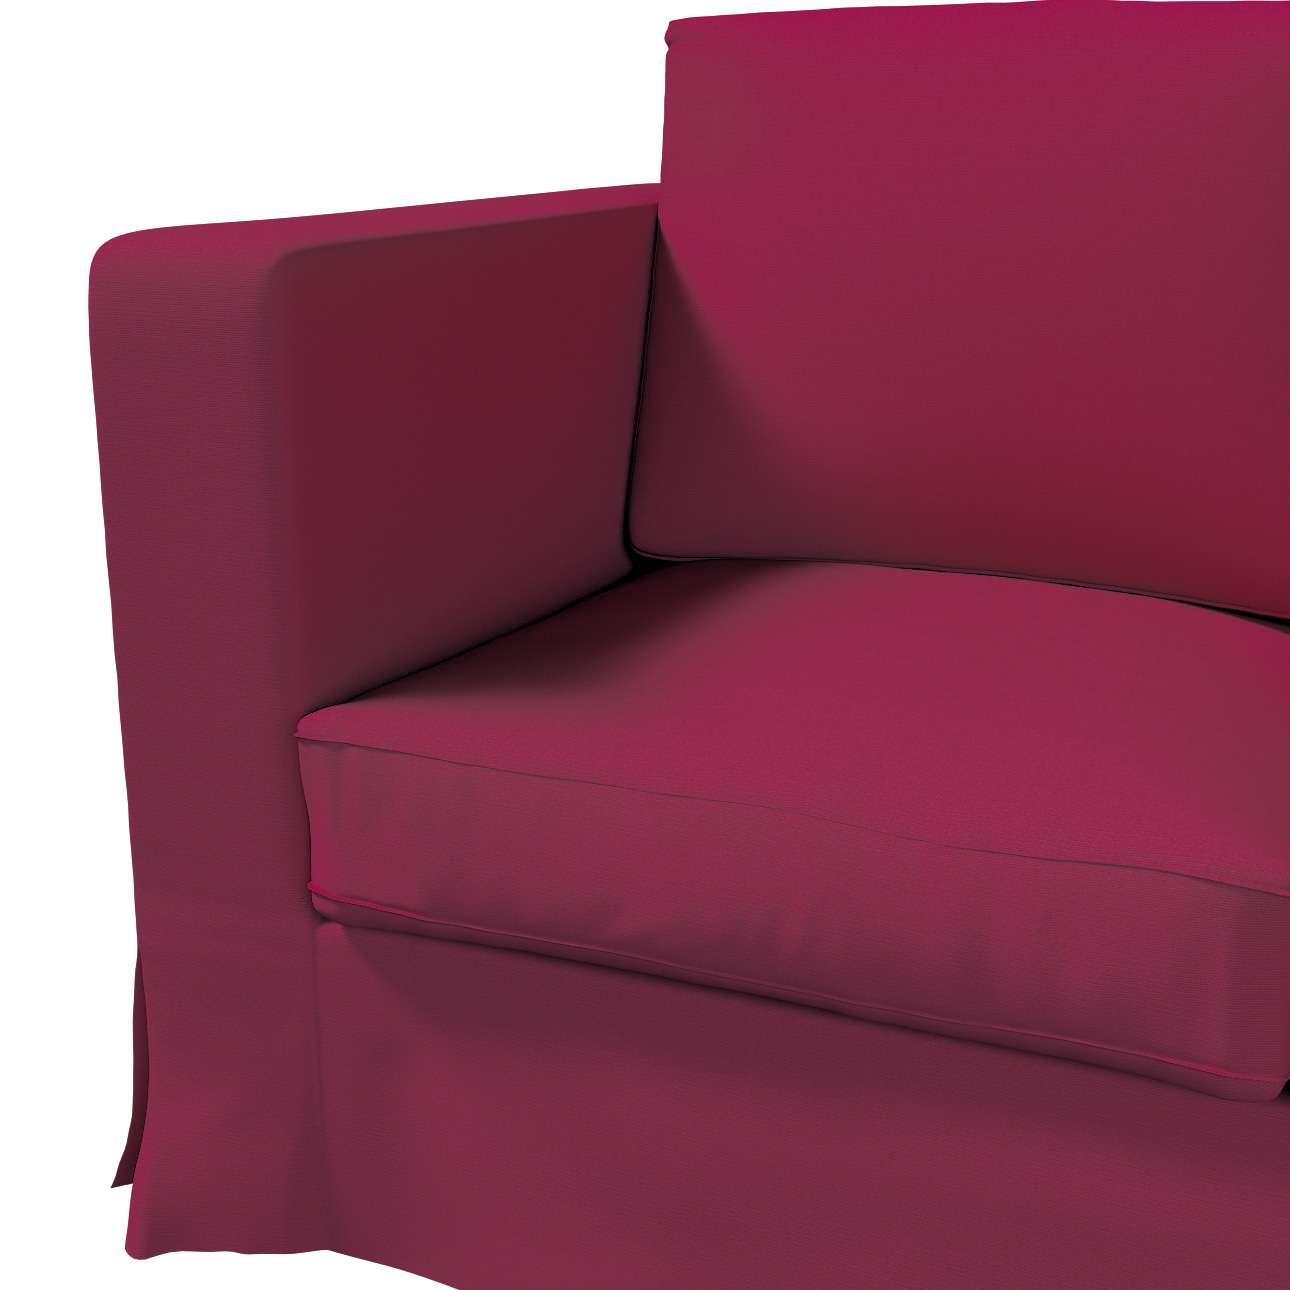 Pokrowiec na sofę Karlanda 3-osobową nierozkładaną, długi w kolekcji Cotton Panama, tkanina: 702-32